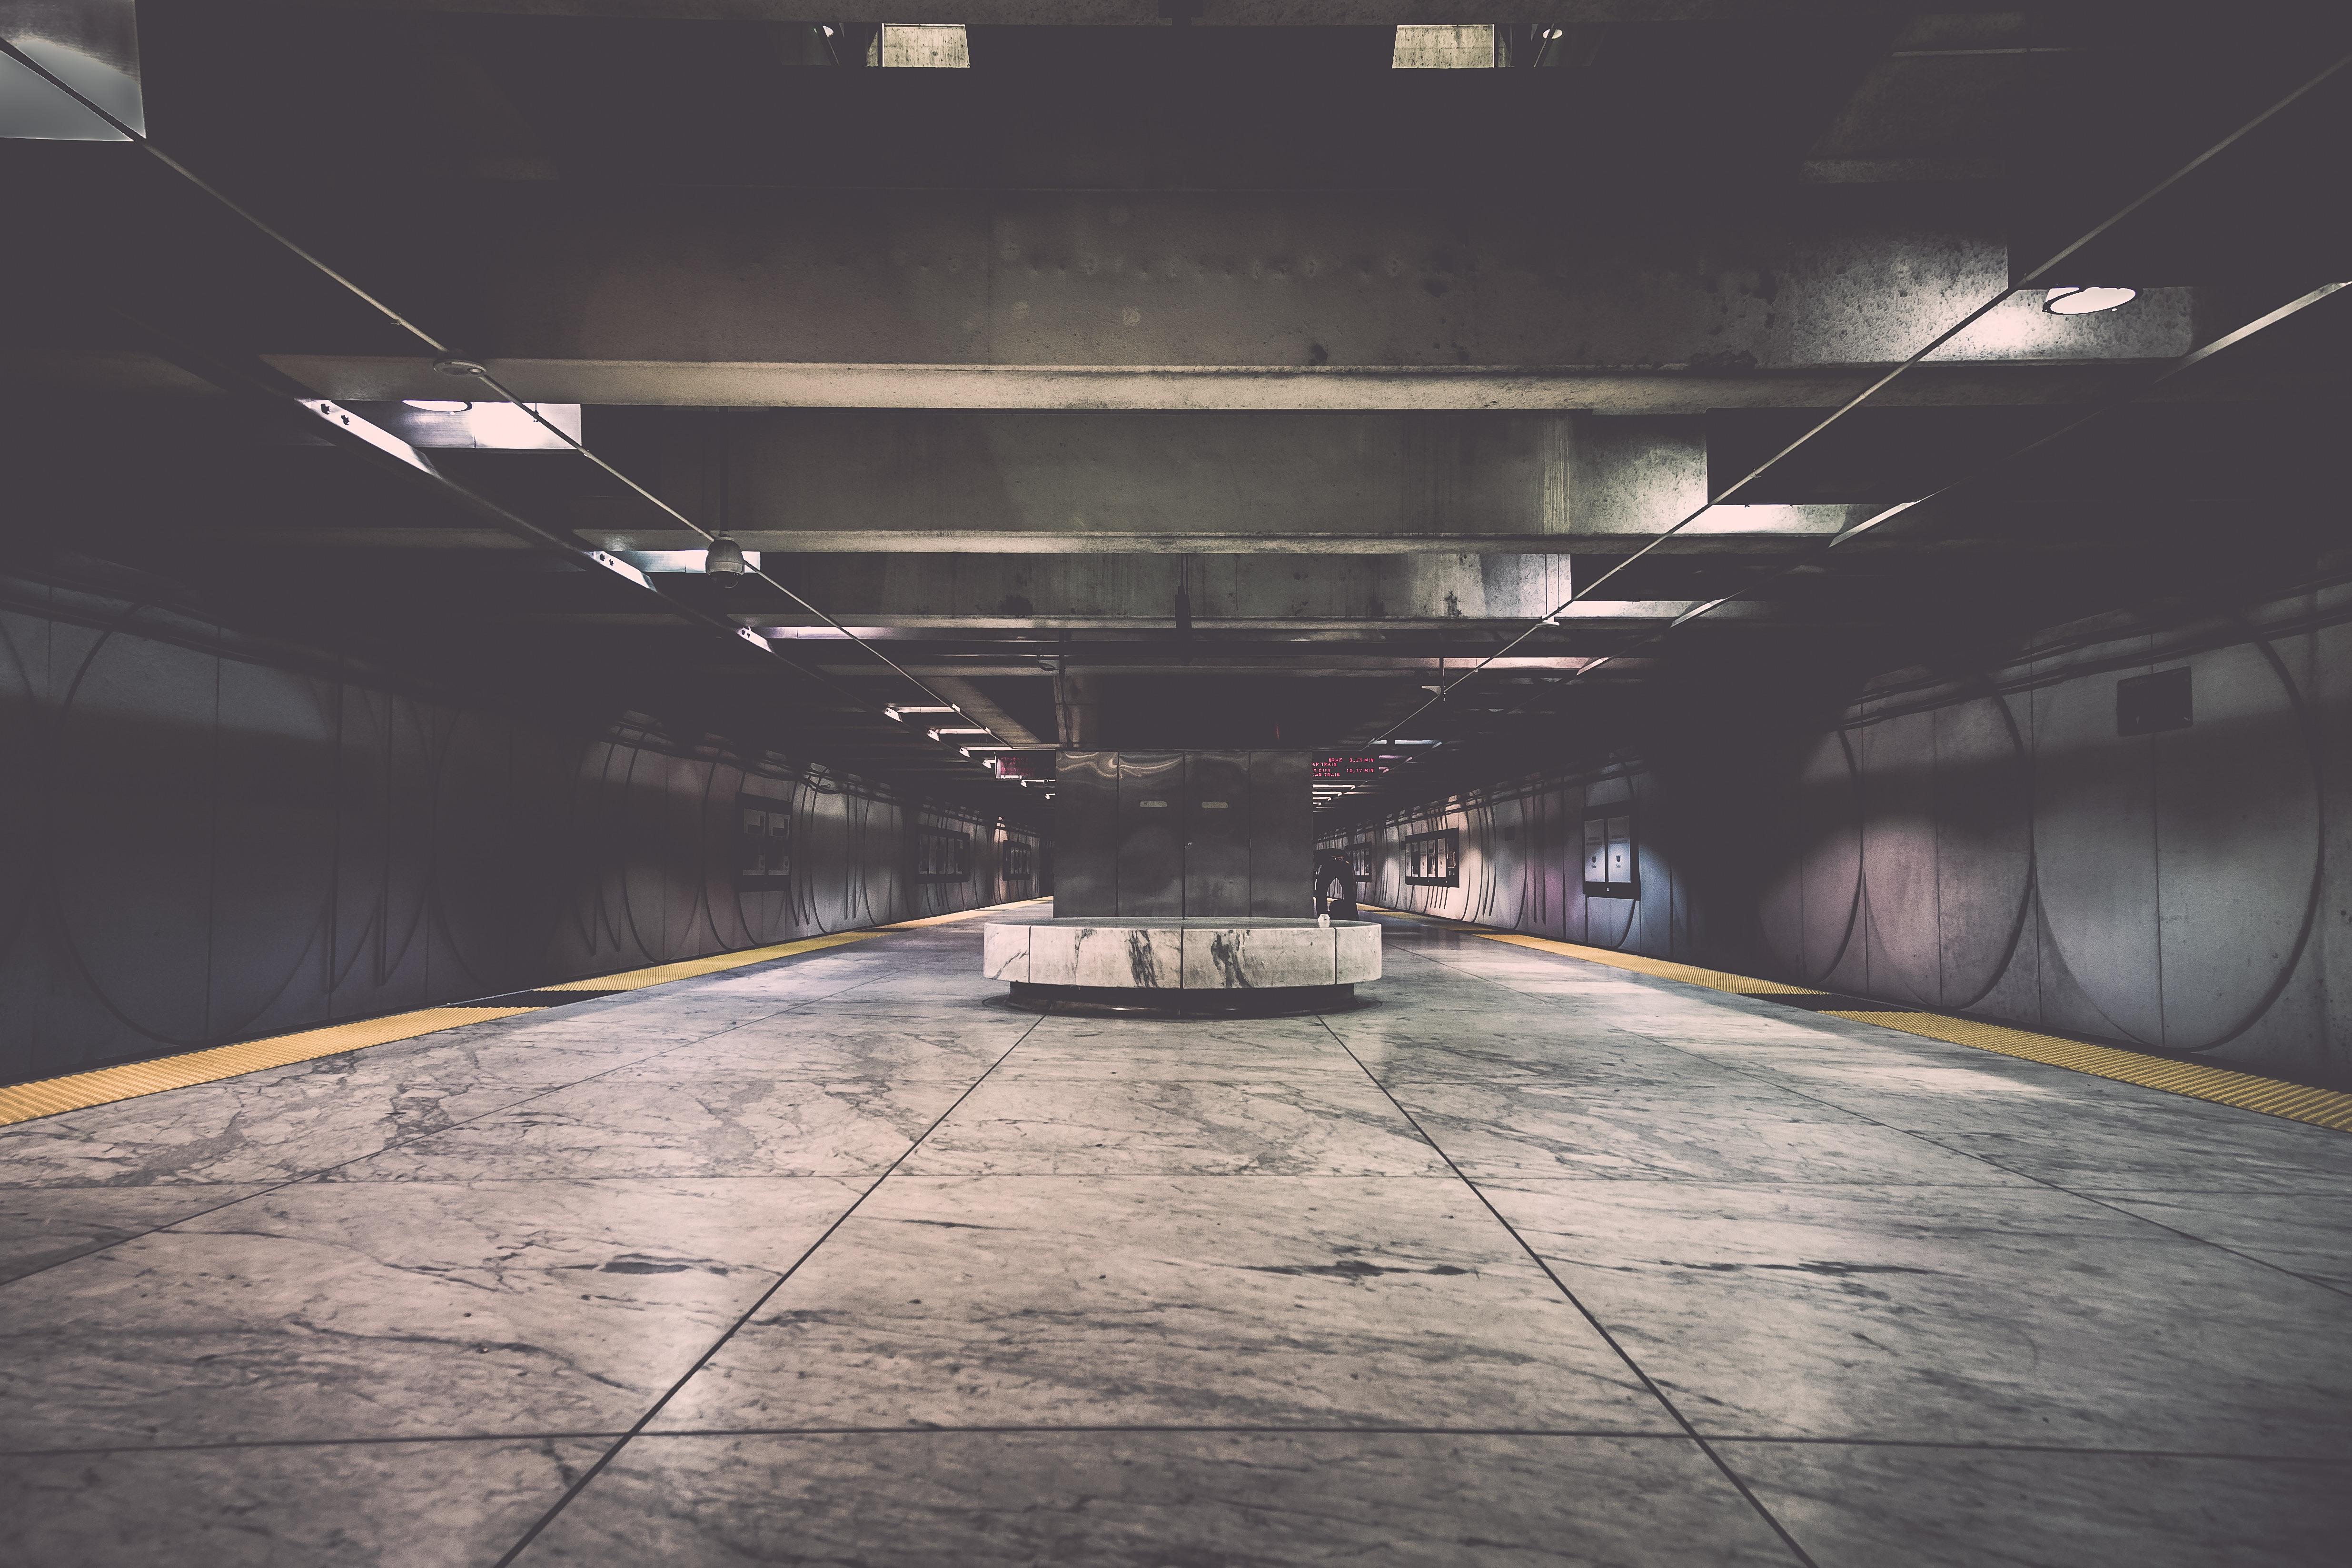 Free Images Subway Underground Vehicle Aviation